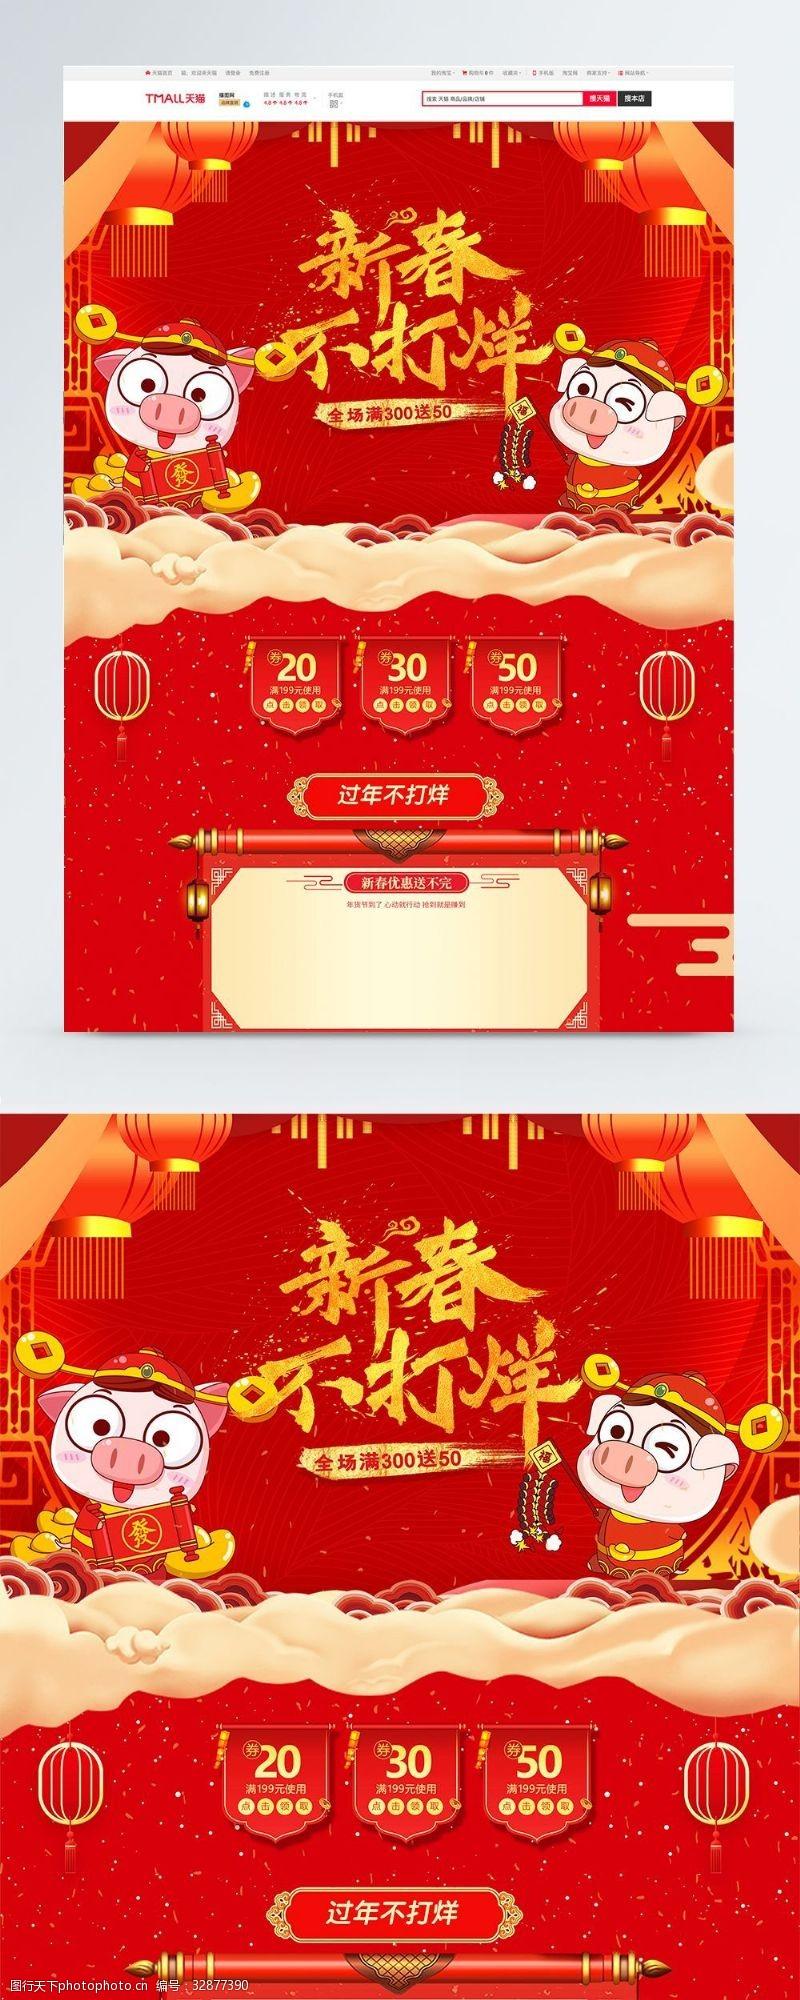 紅色新春不打烊新年促銷淘寶首頁